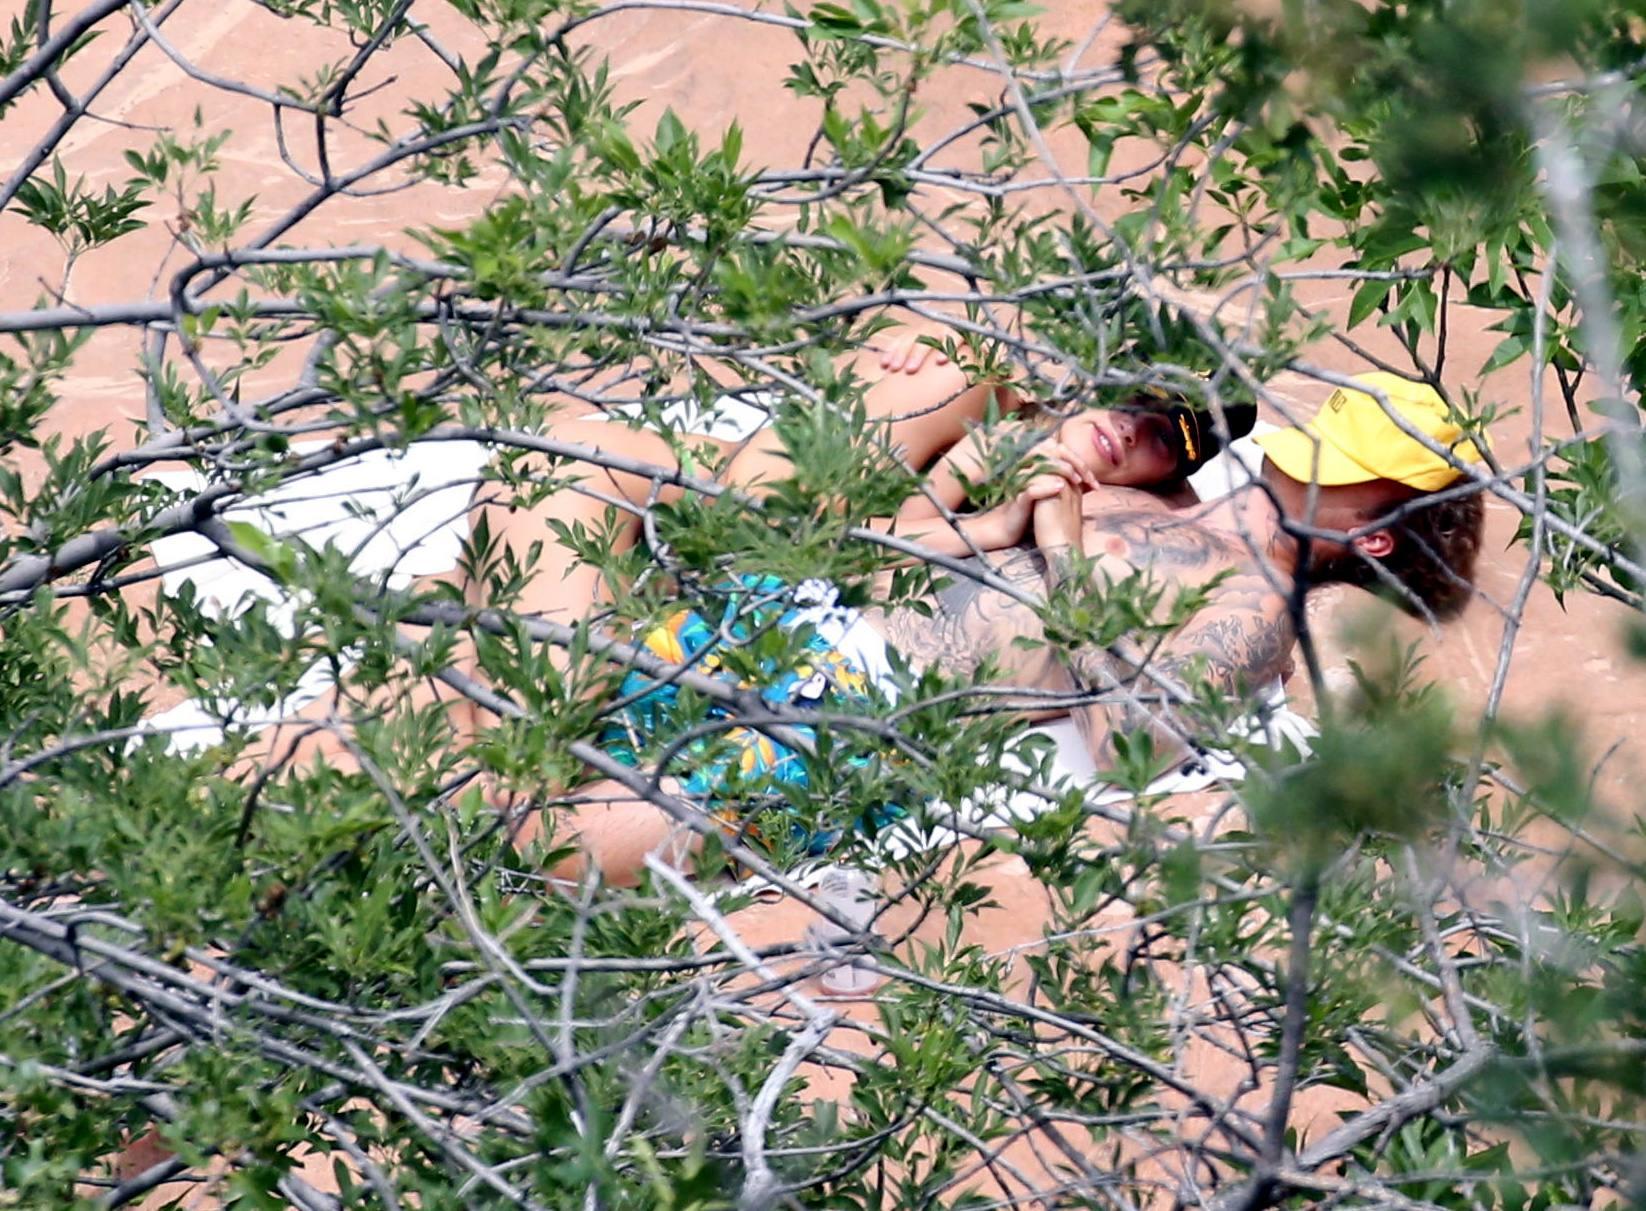 Hailey Bieber – Sexy Body In Green Bikini In Utah 0016